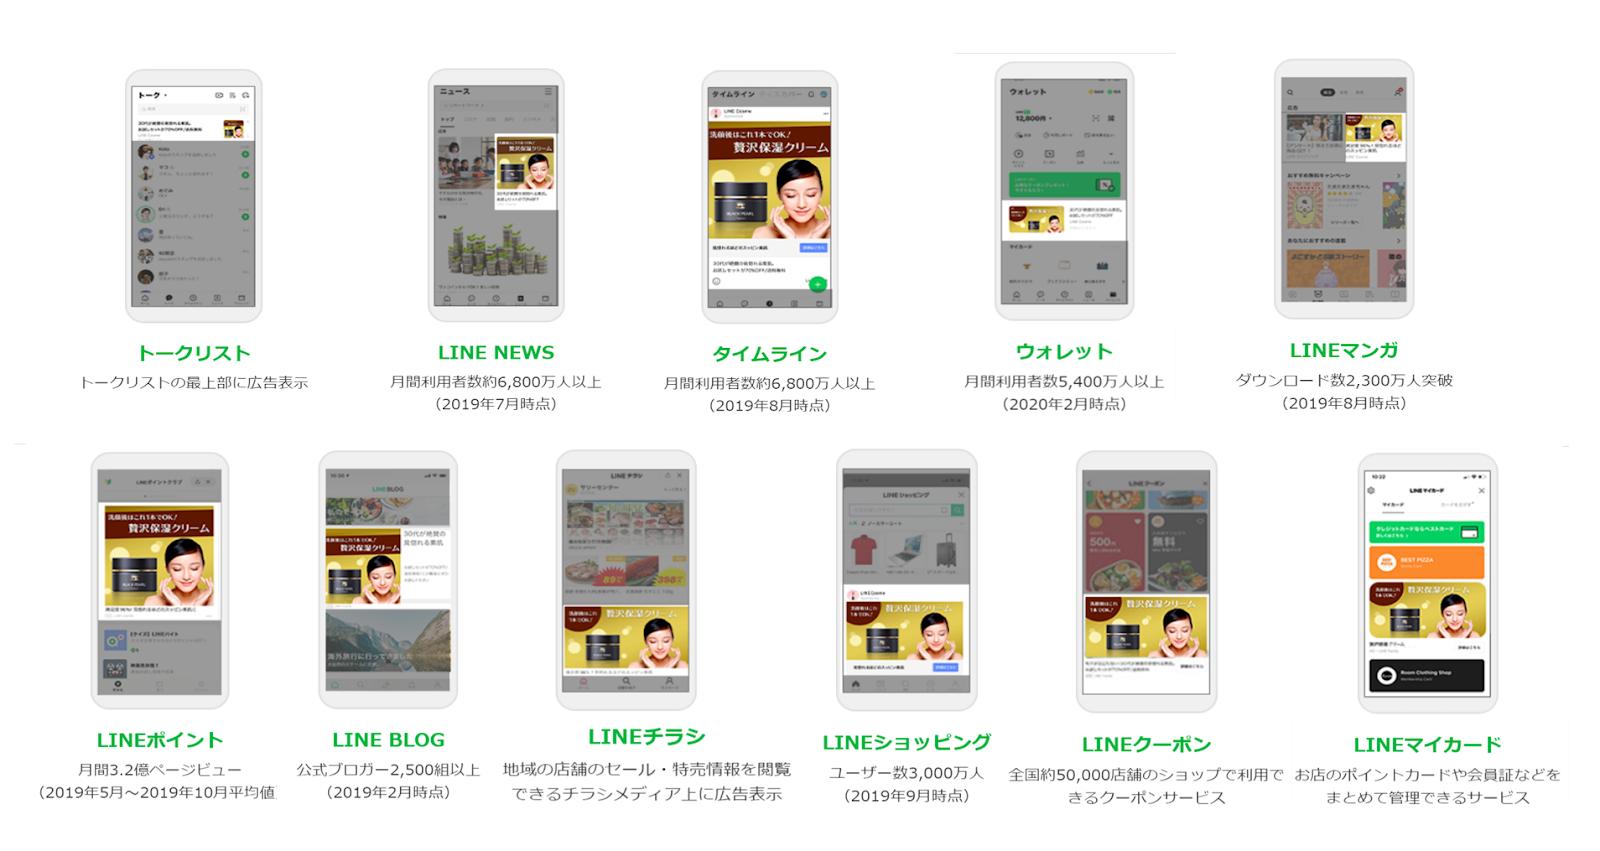 LINE広告フォーマット